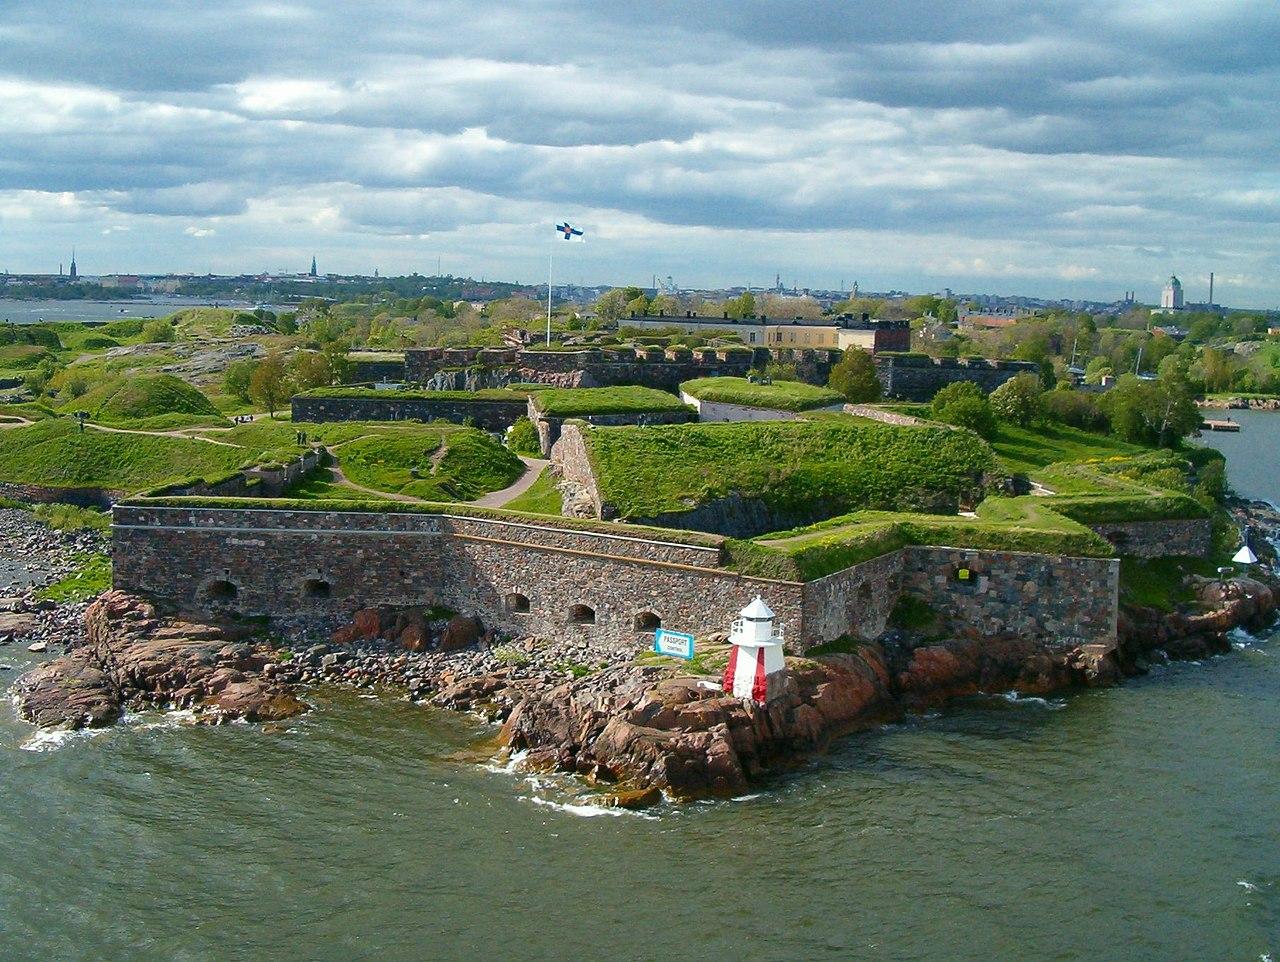 Sekarang terletak di Helsinki, Suomenlinna adalah Situs Warisan Dunia UNESCO yang terdiri dari benteng laut abad ke-18 yang dibangun di atas enam pulau. Ini adalah salah satu tempat wisata paling populer di Finlandia.